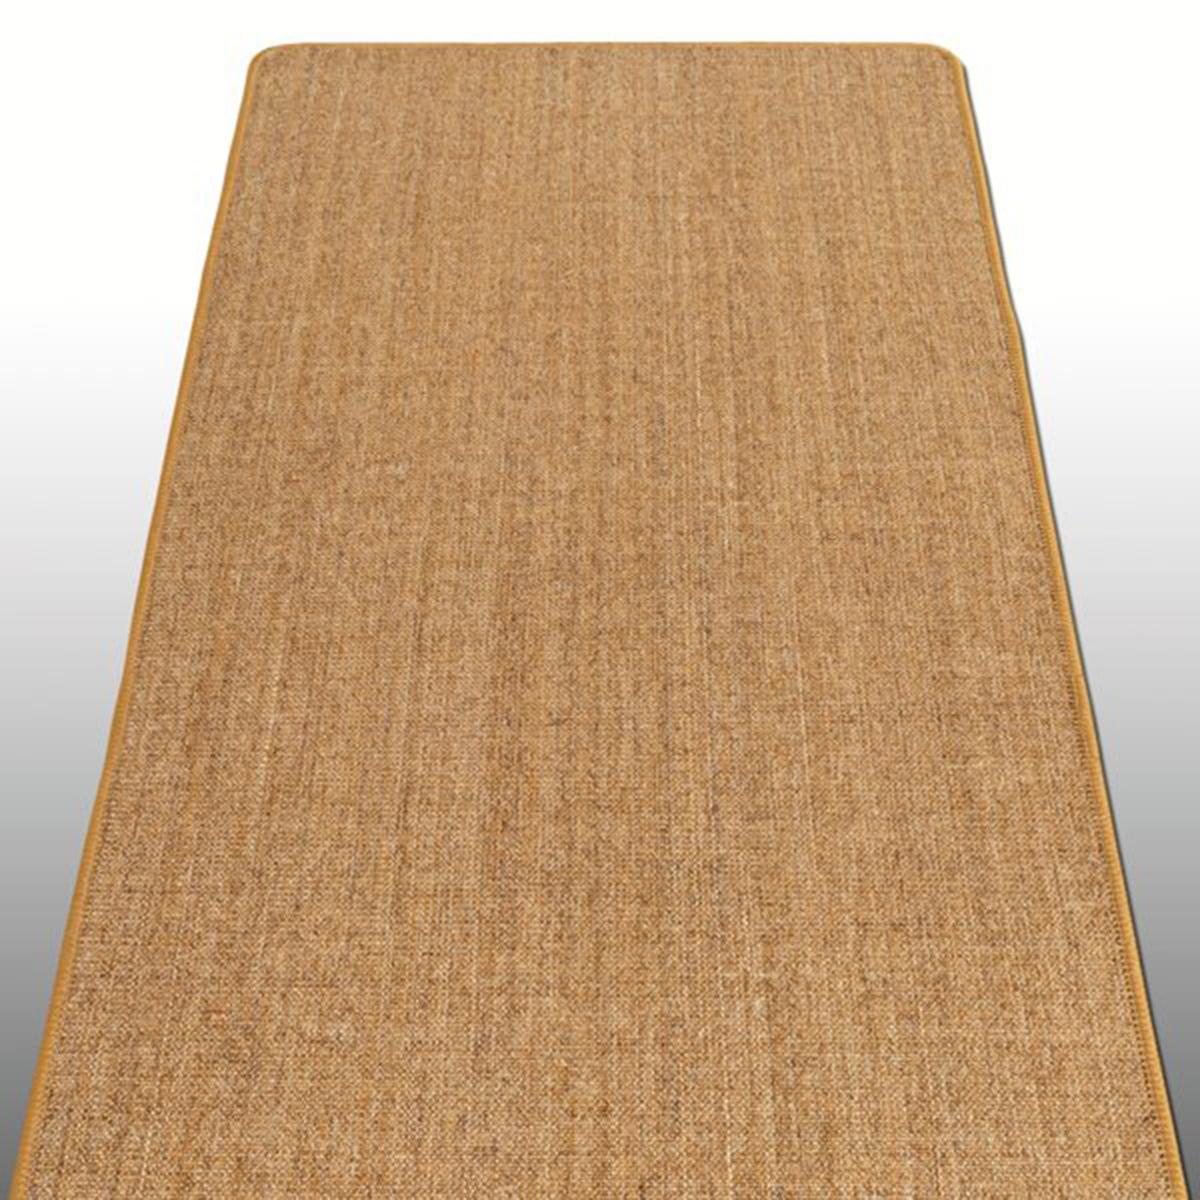 Ковер для прихожей, 3 размераХарактеристики ковра для прихожей :100% сизаль.Описание ковра для прихожей :Нескользящий, оборотная сторона с латексом.<br><br>Цвет: темно-бежевый